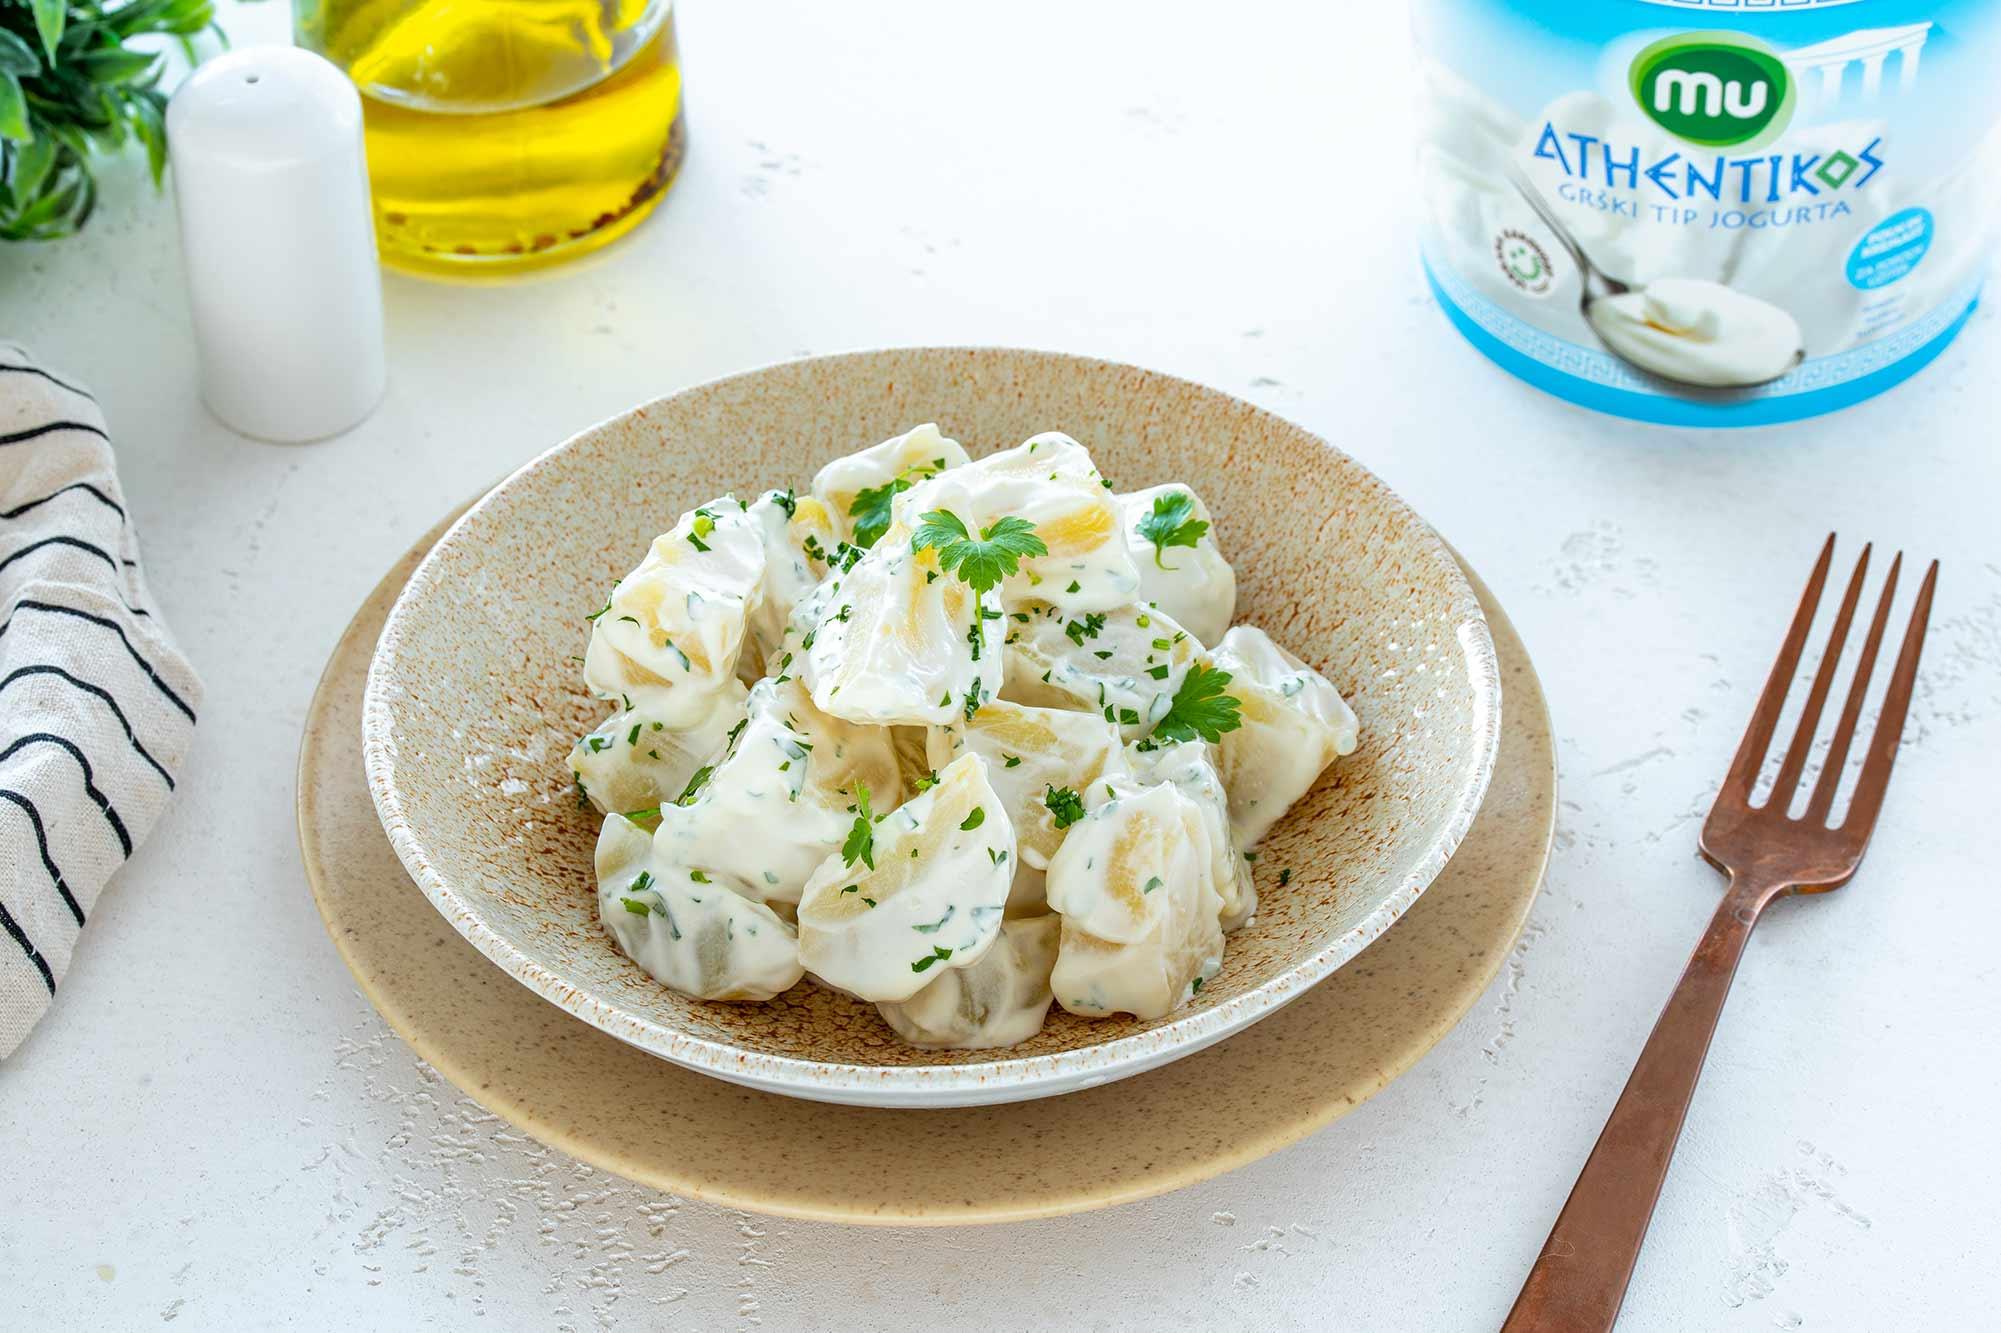 Krompirjeva solata z grškim tipom jogurta MU Athentikos